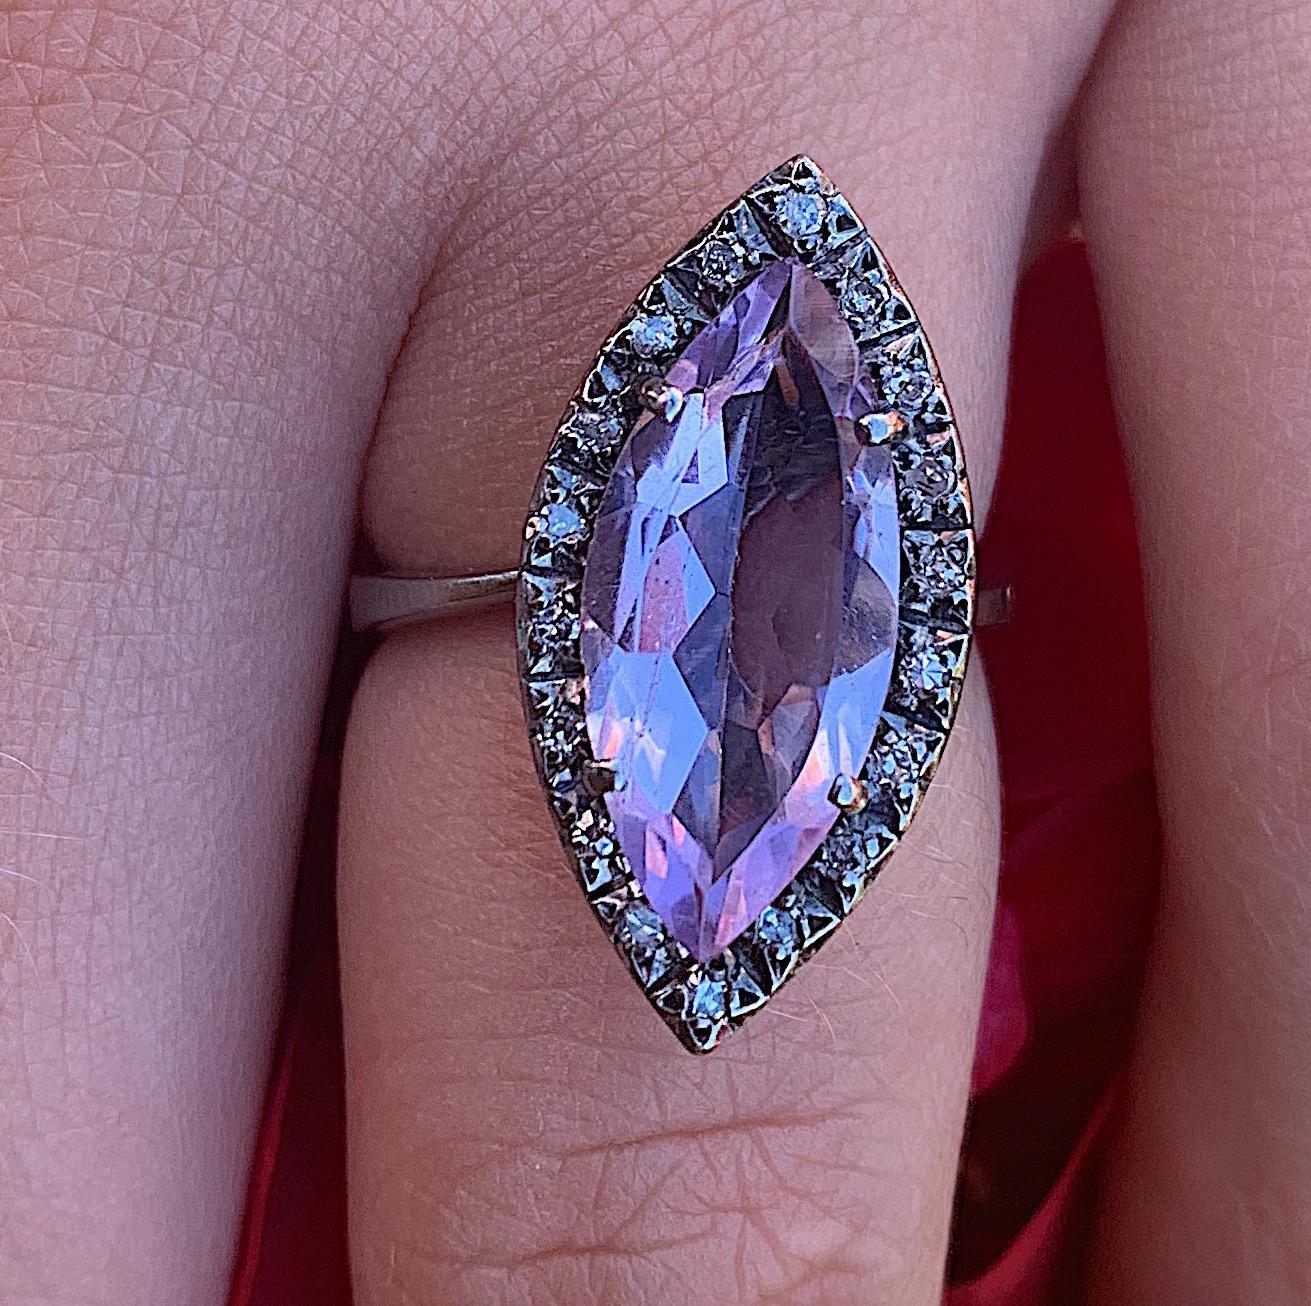 טבעת רטרו , זהב 14k עם אמטיסט ויהלומים קטנים.